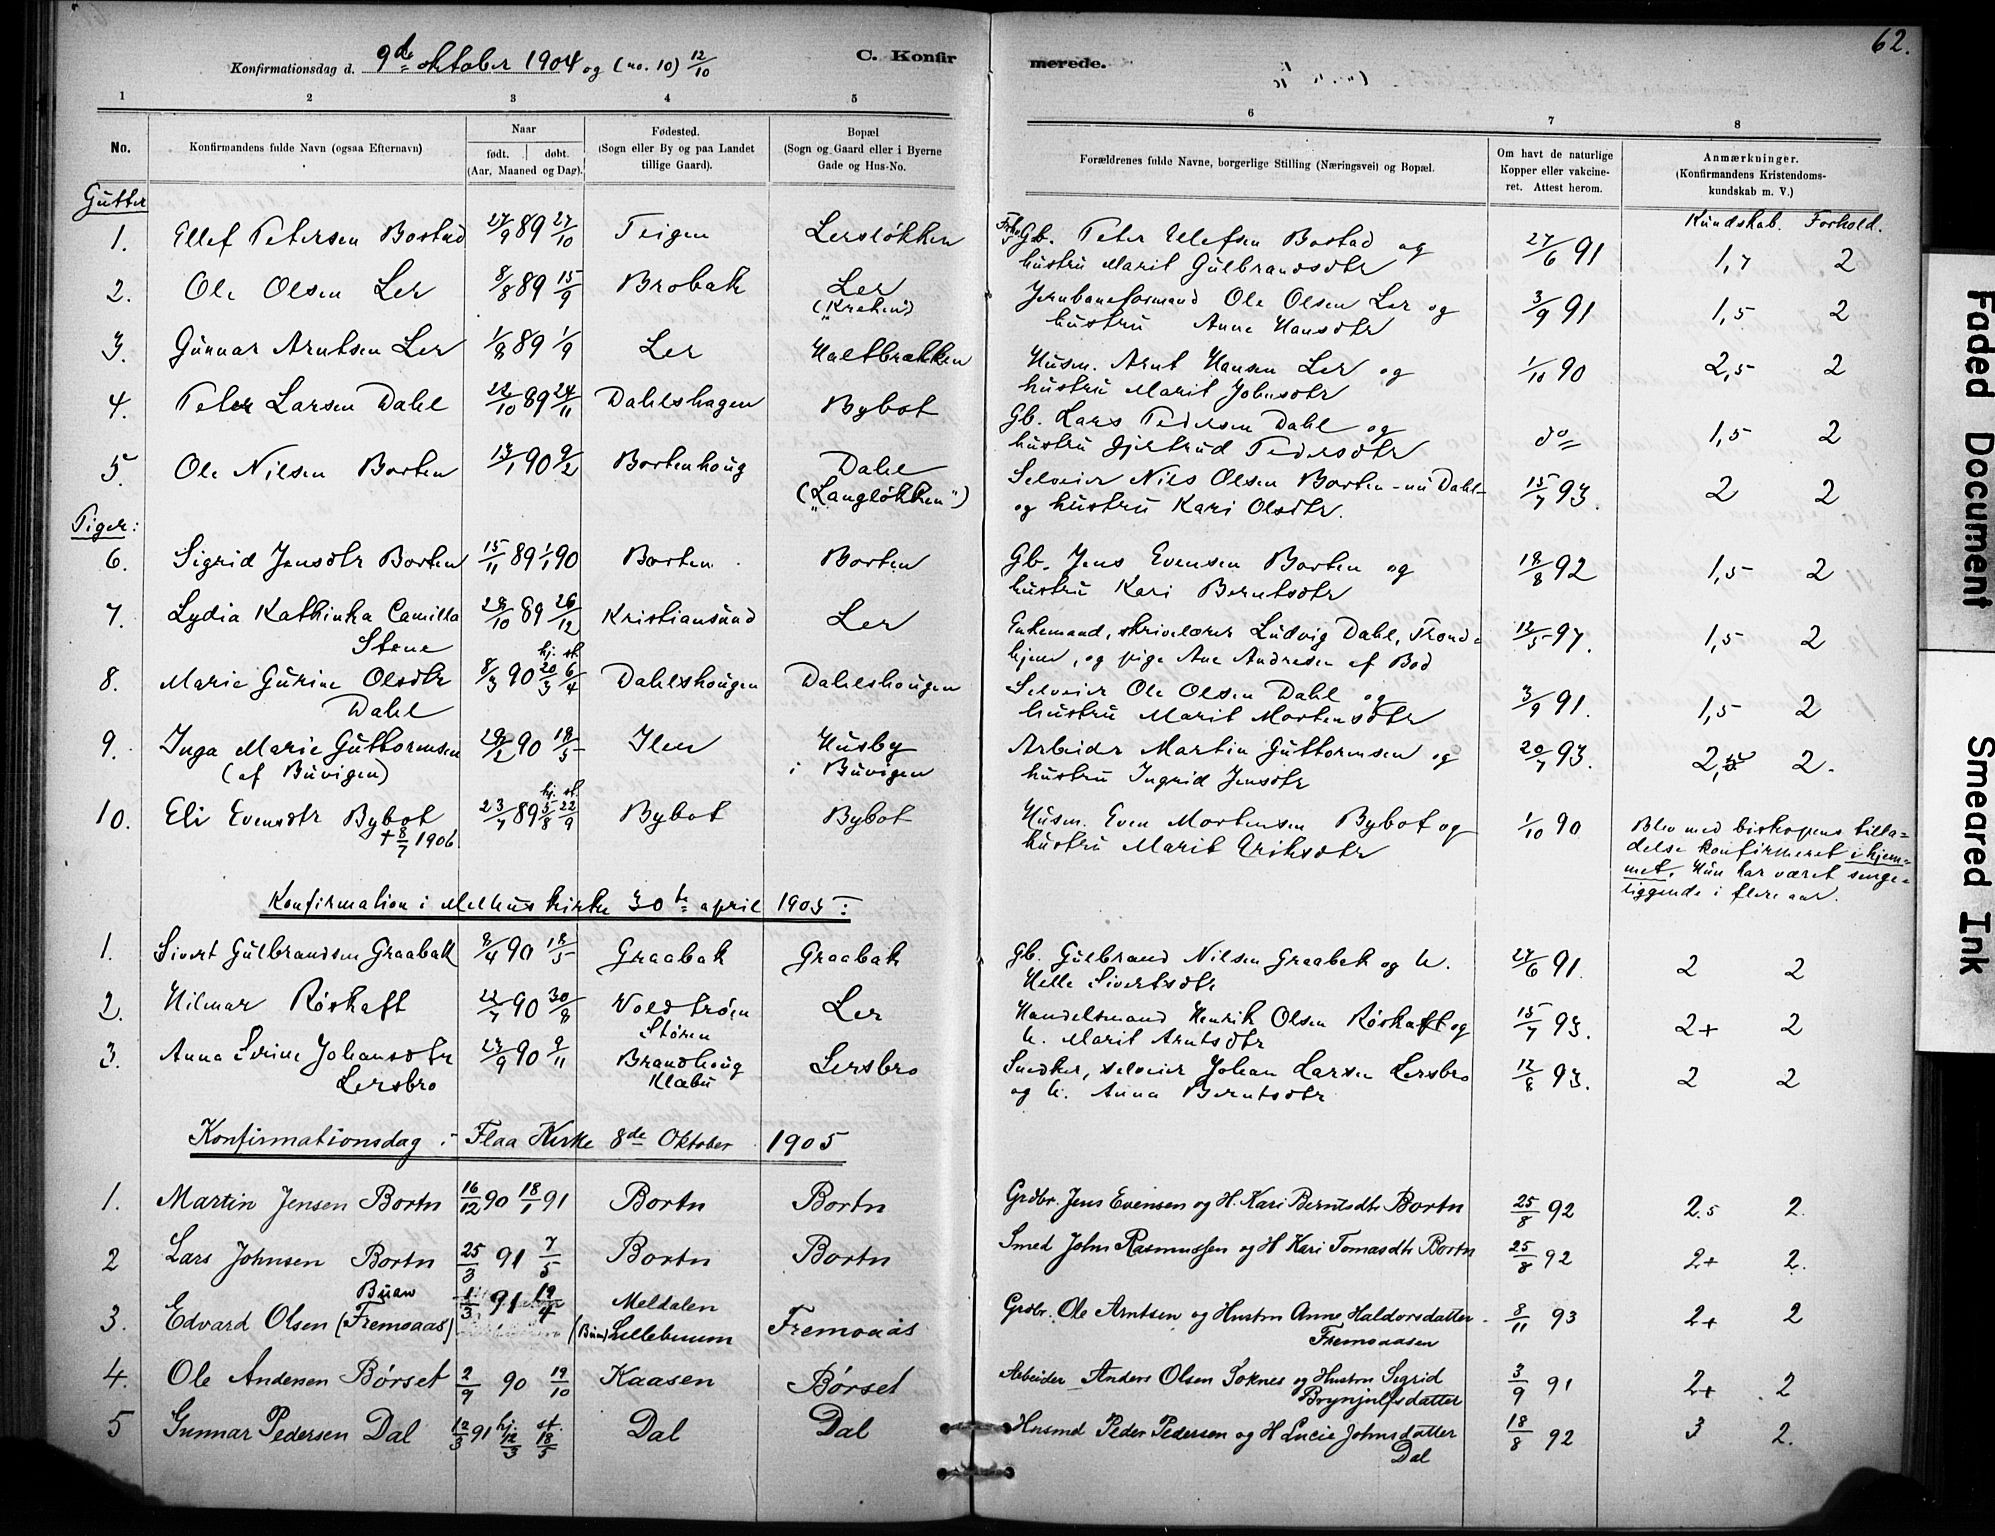 SAT, Ministerialprotokoller, klokkerbøker og fødselsregistre - Sør-Trøndelag, 693/L1119: Ministerialbok nr. 693A01, 1887-1905, s. 62